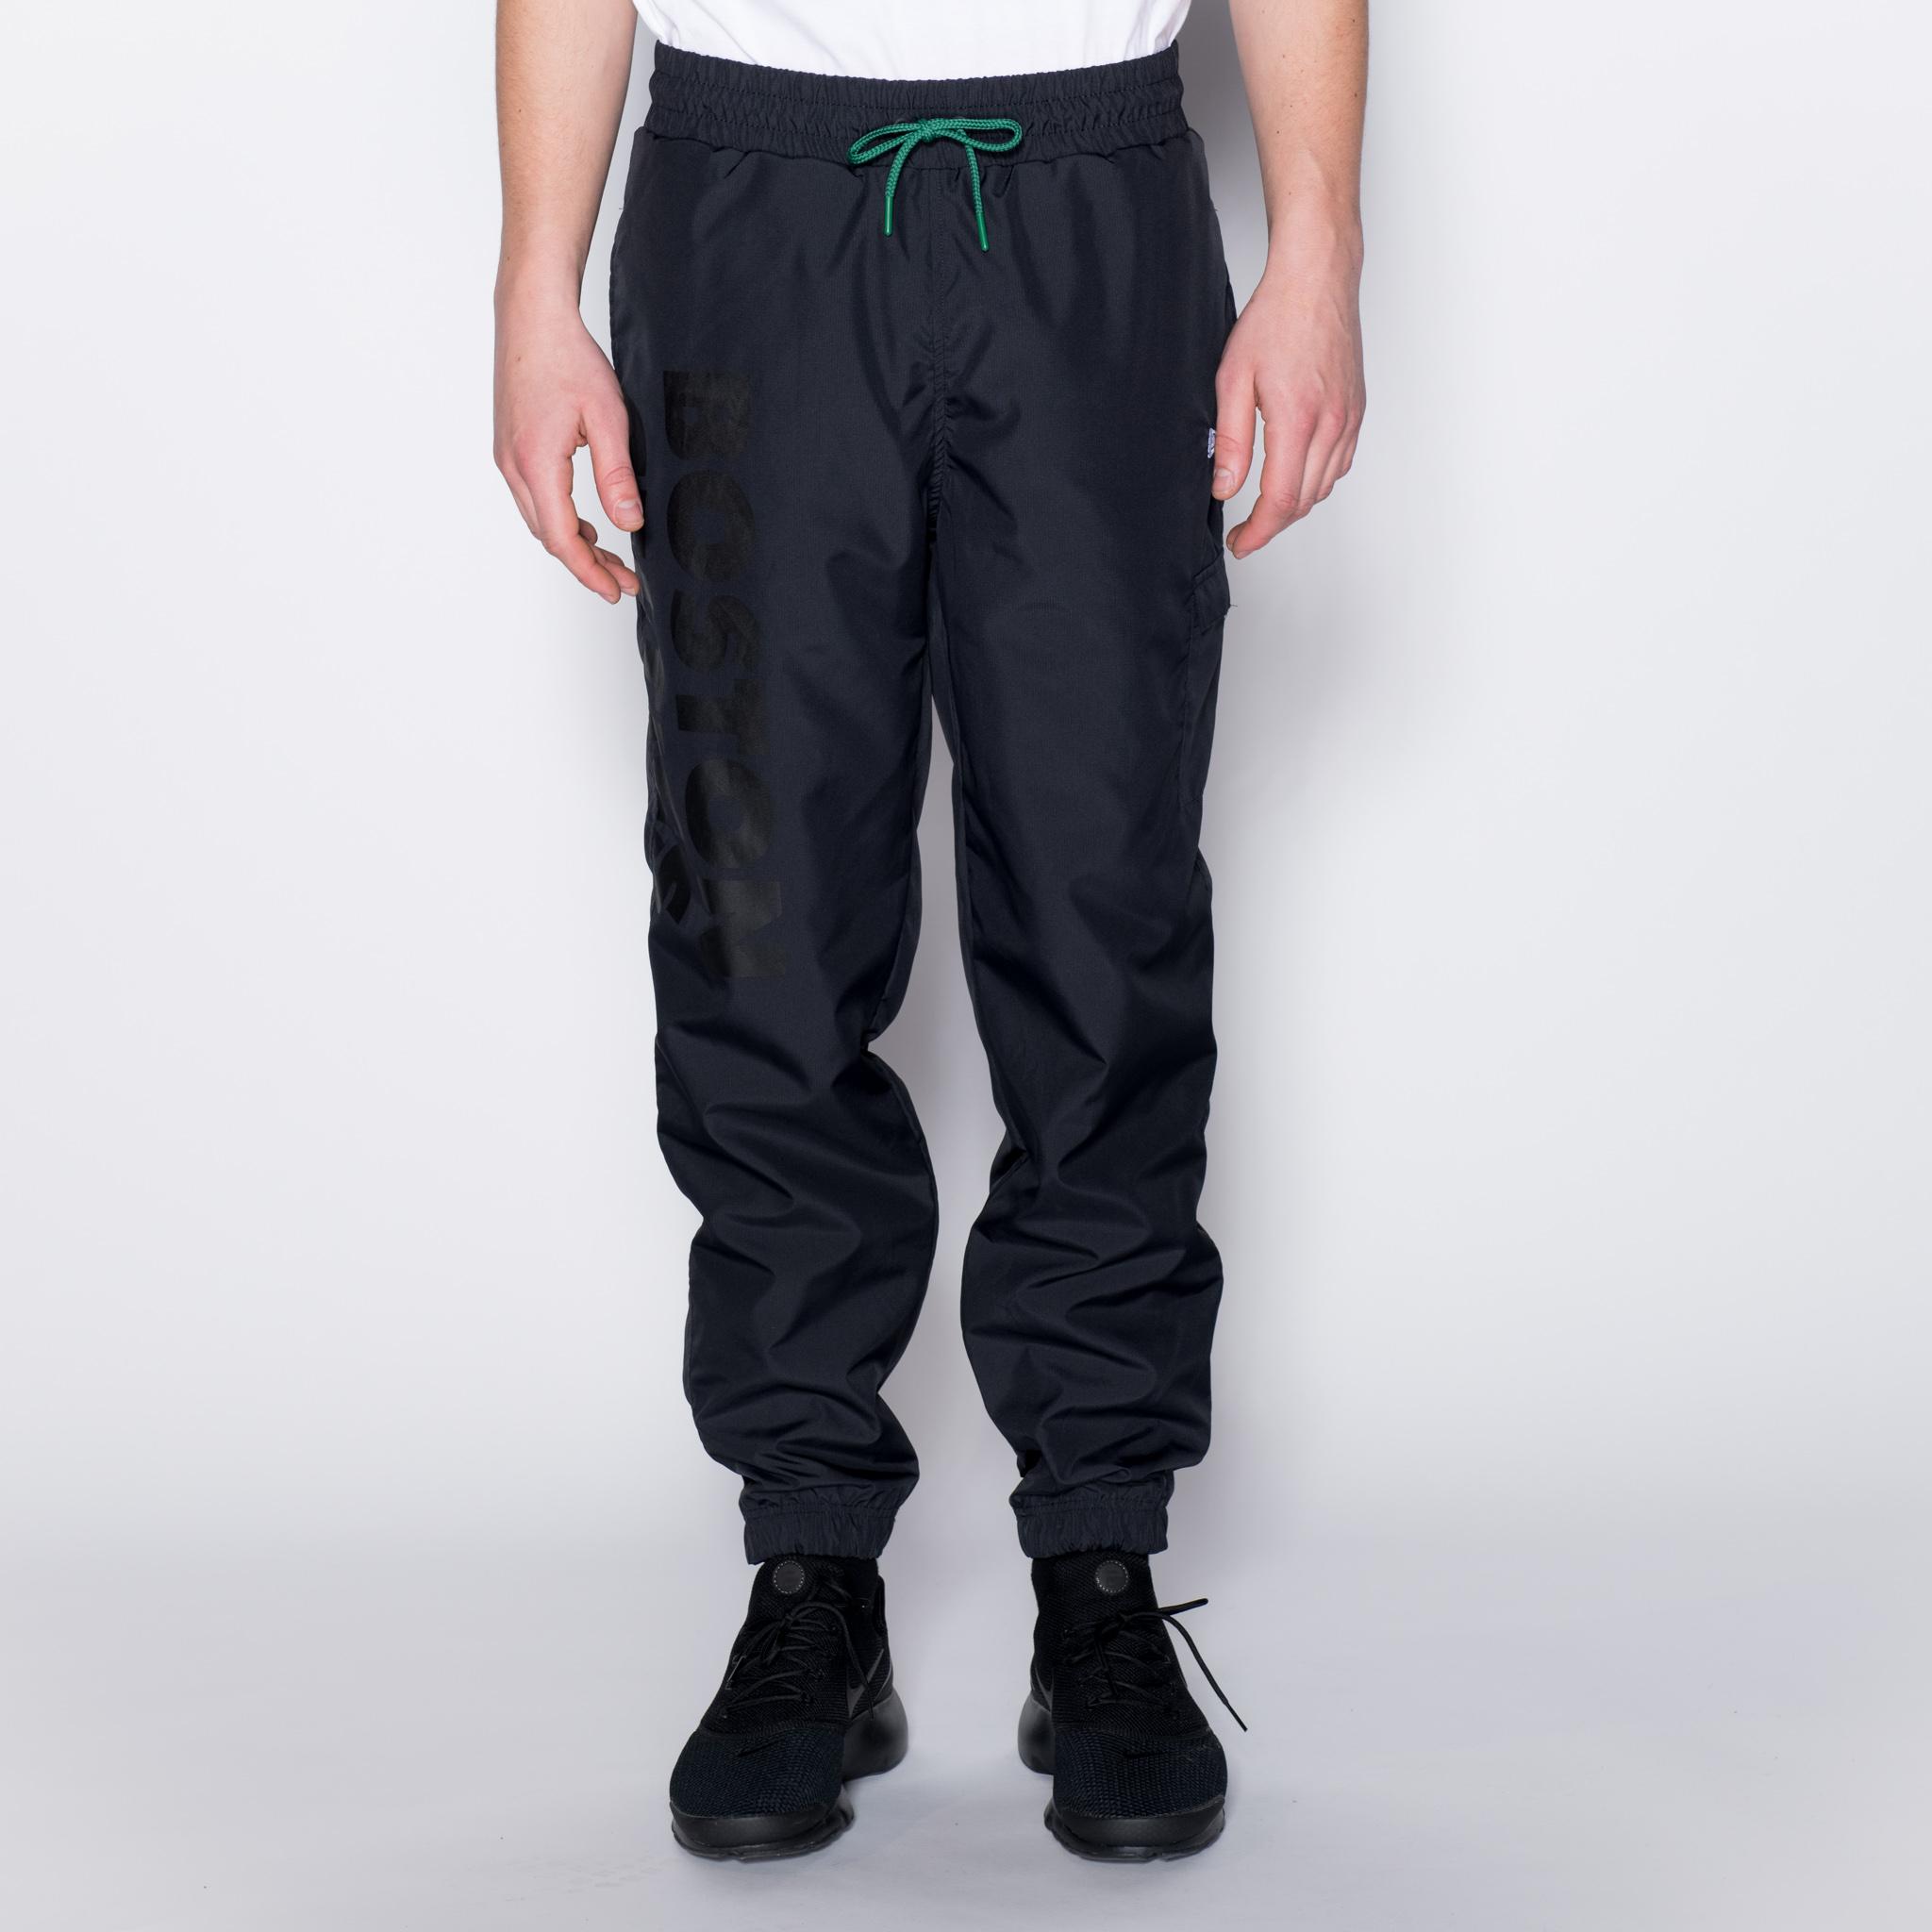 Pantalones de chándal Boston Celtics Wordmark, negro